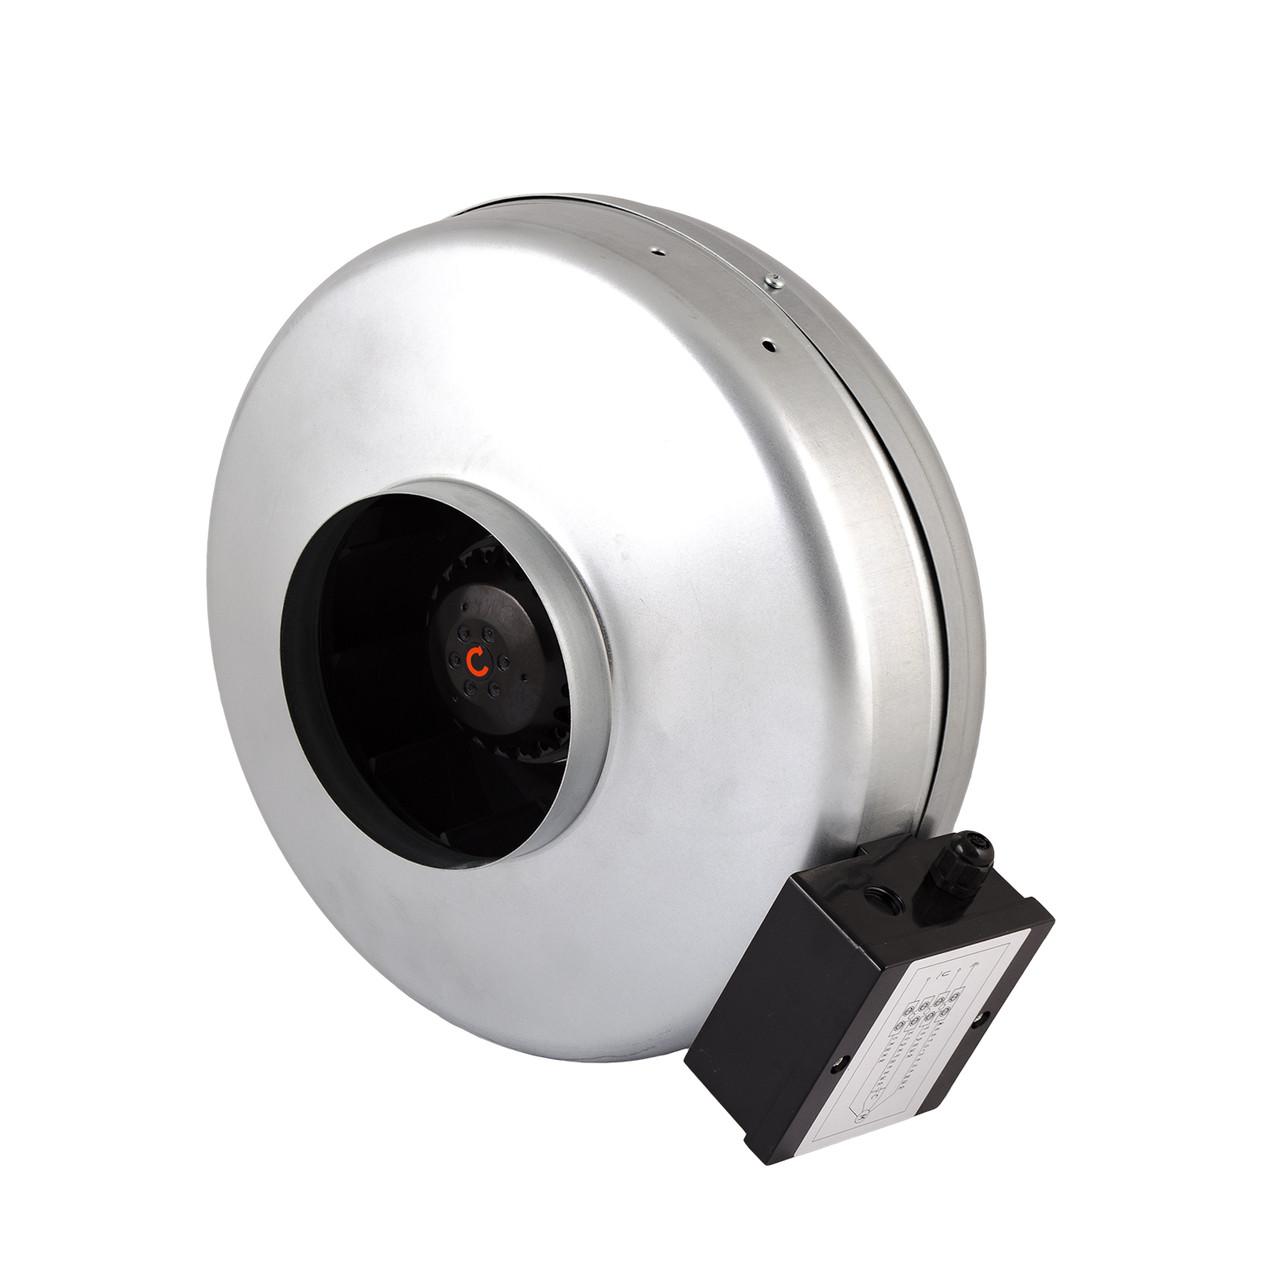 Канальный вентилятор Турбовент ВК 100 (280 м³/ч - 295 Па)